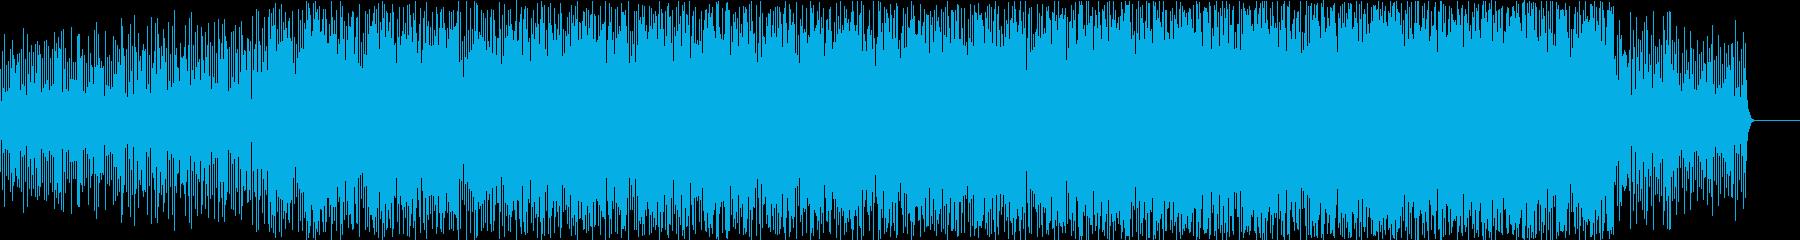 時間の流れを音楽にしてイメージしたBGMの再生済みの波形